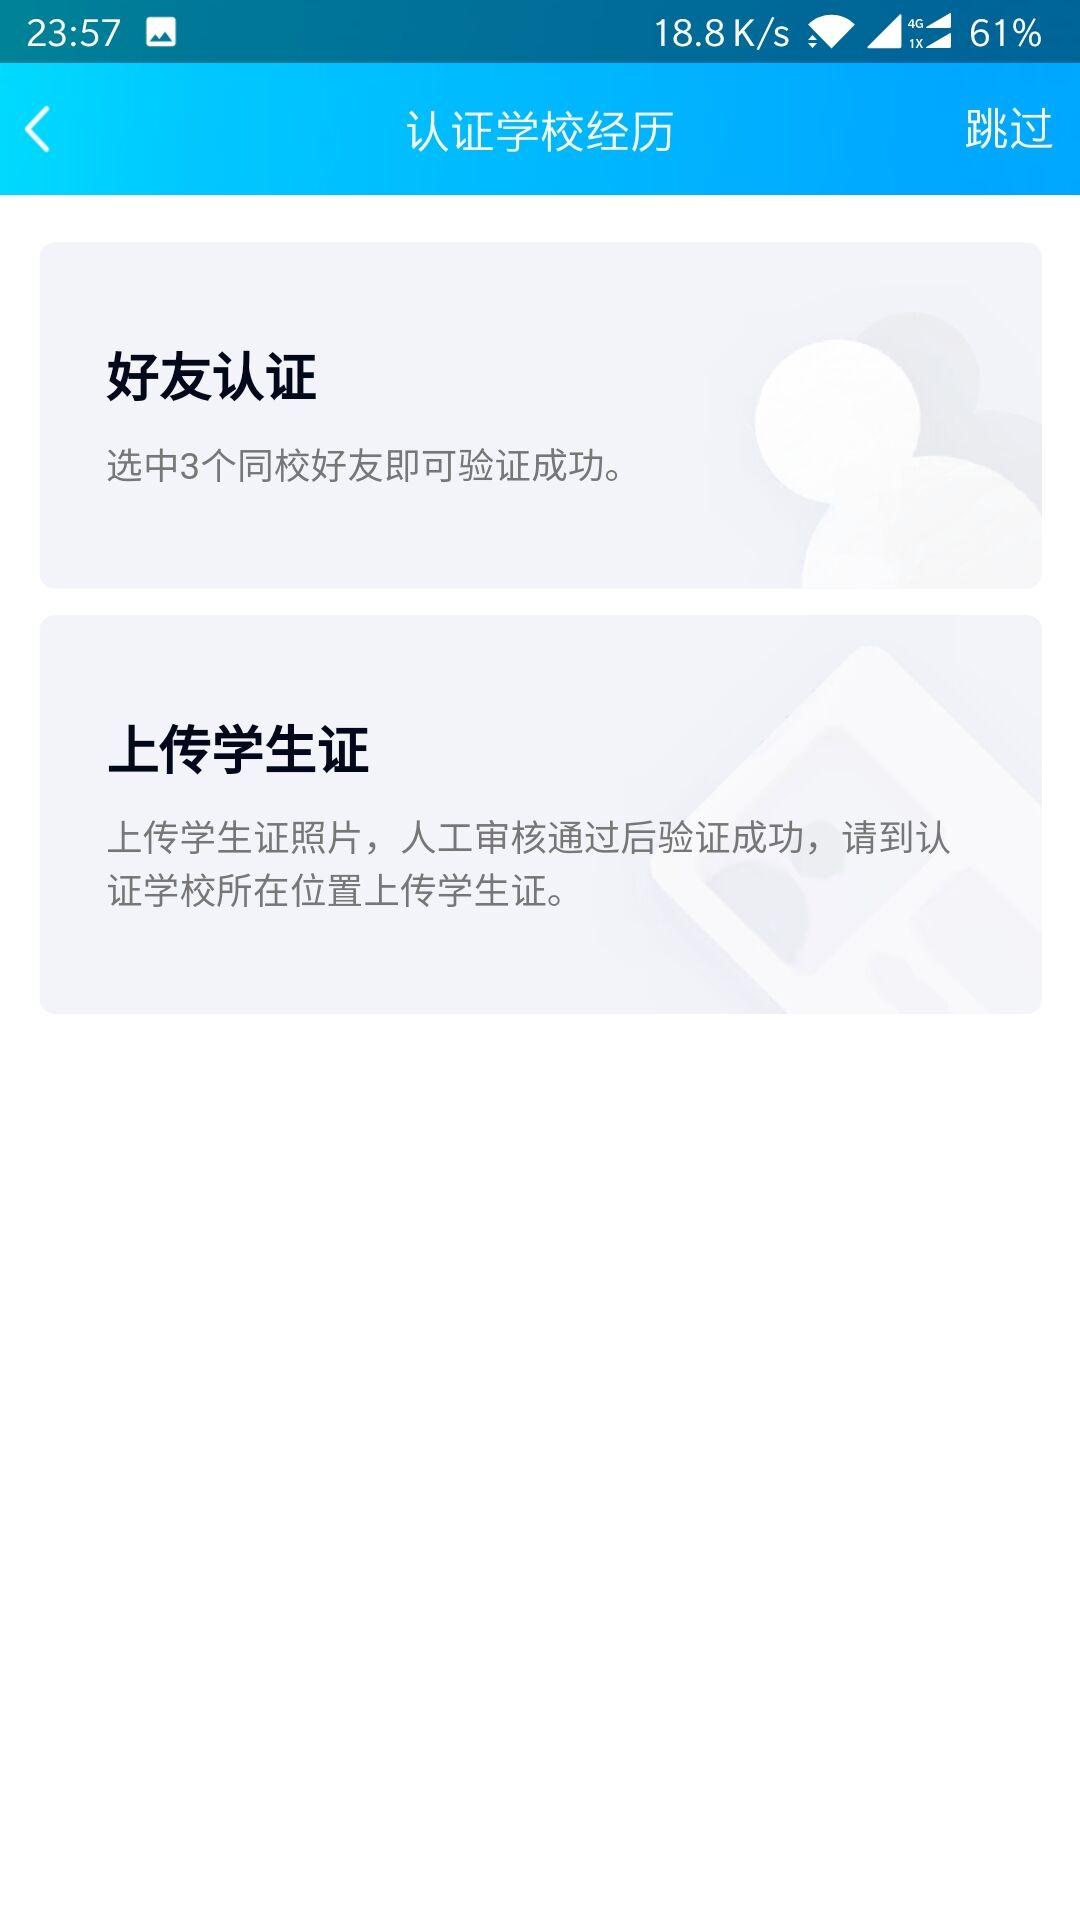 关于qq学校认证清华大学等认证标志